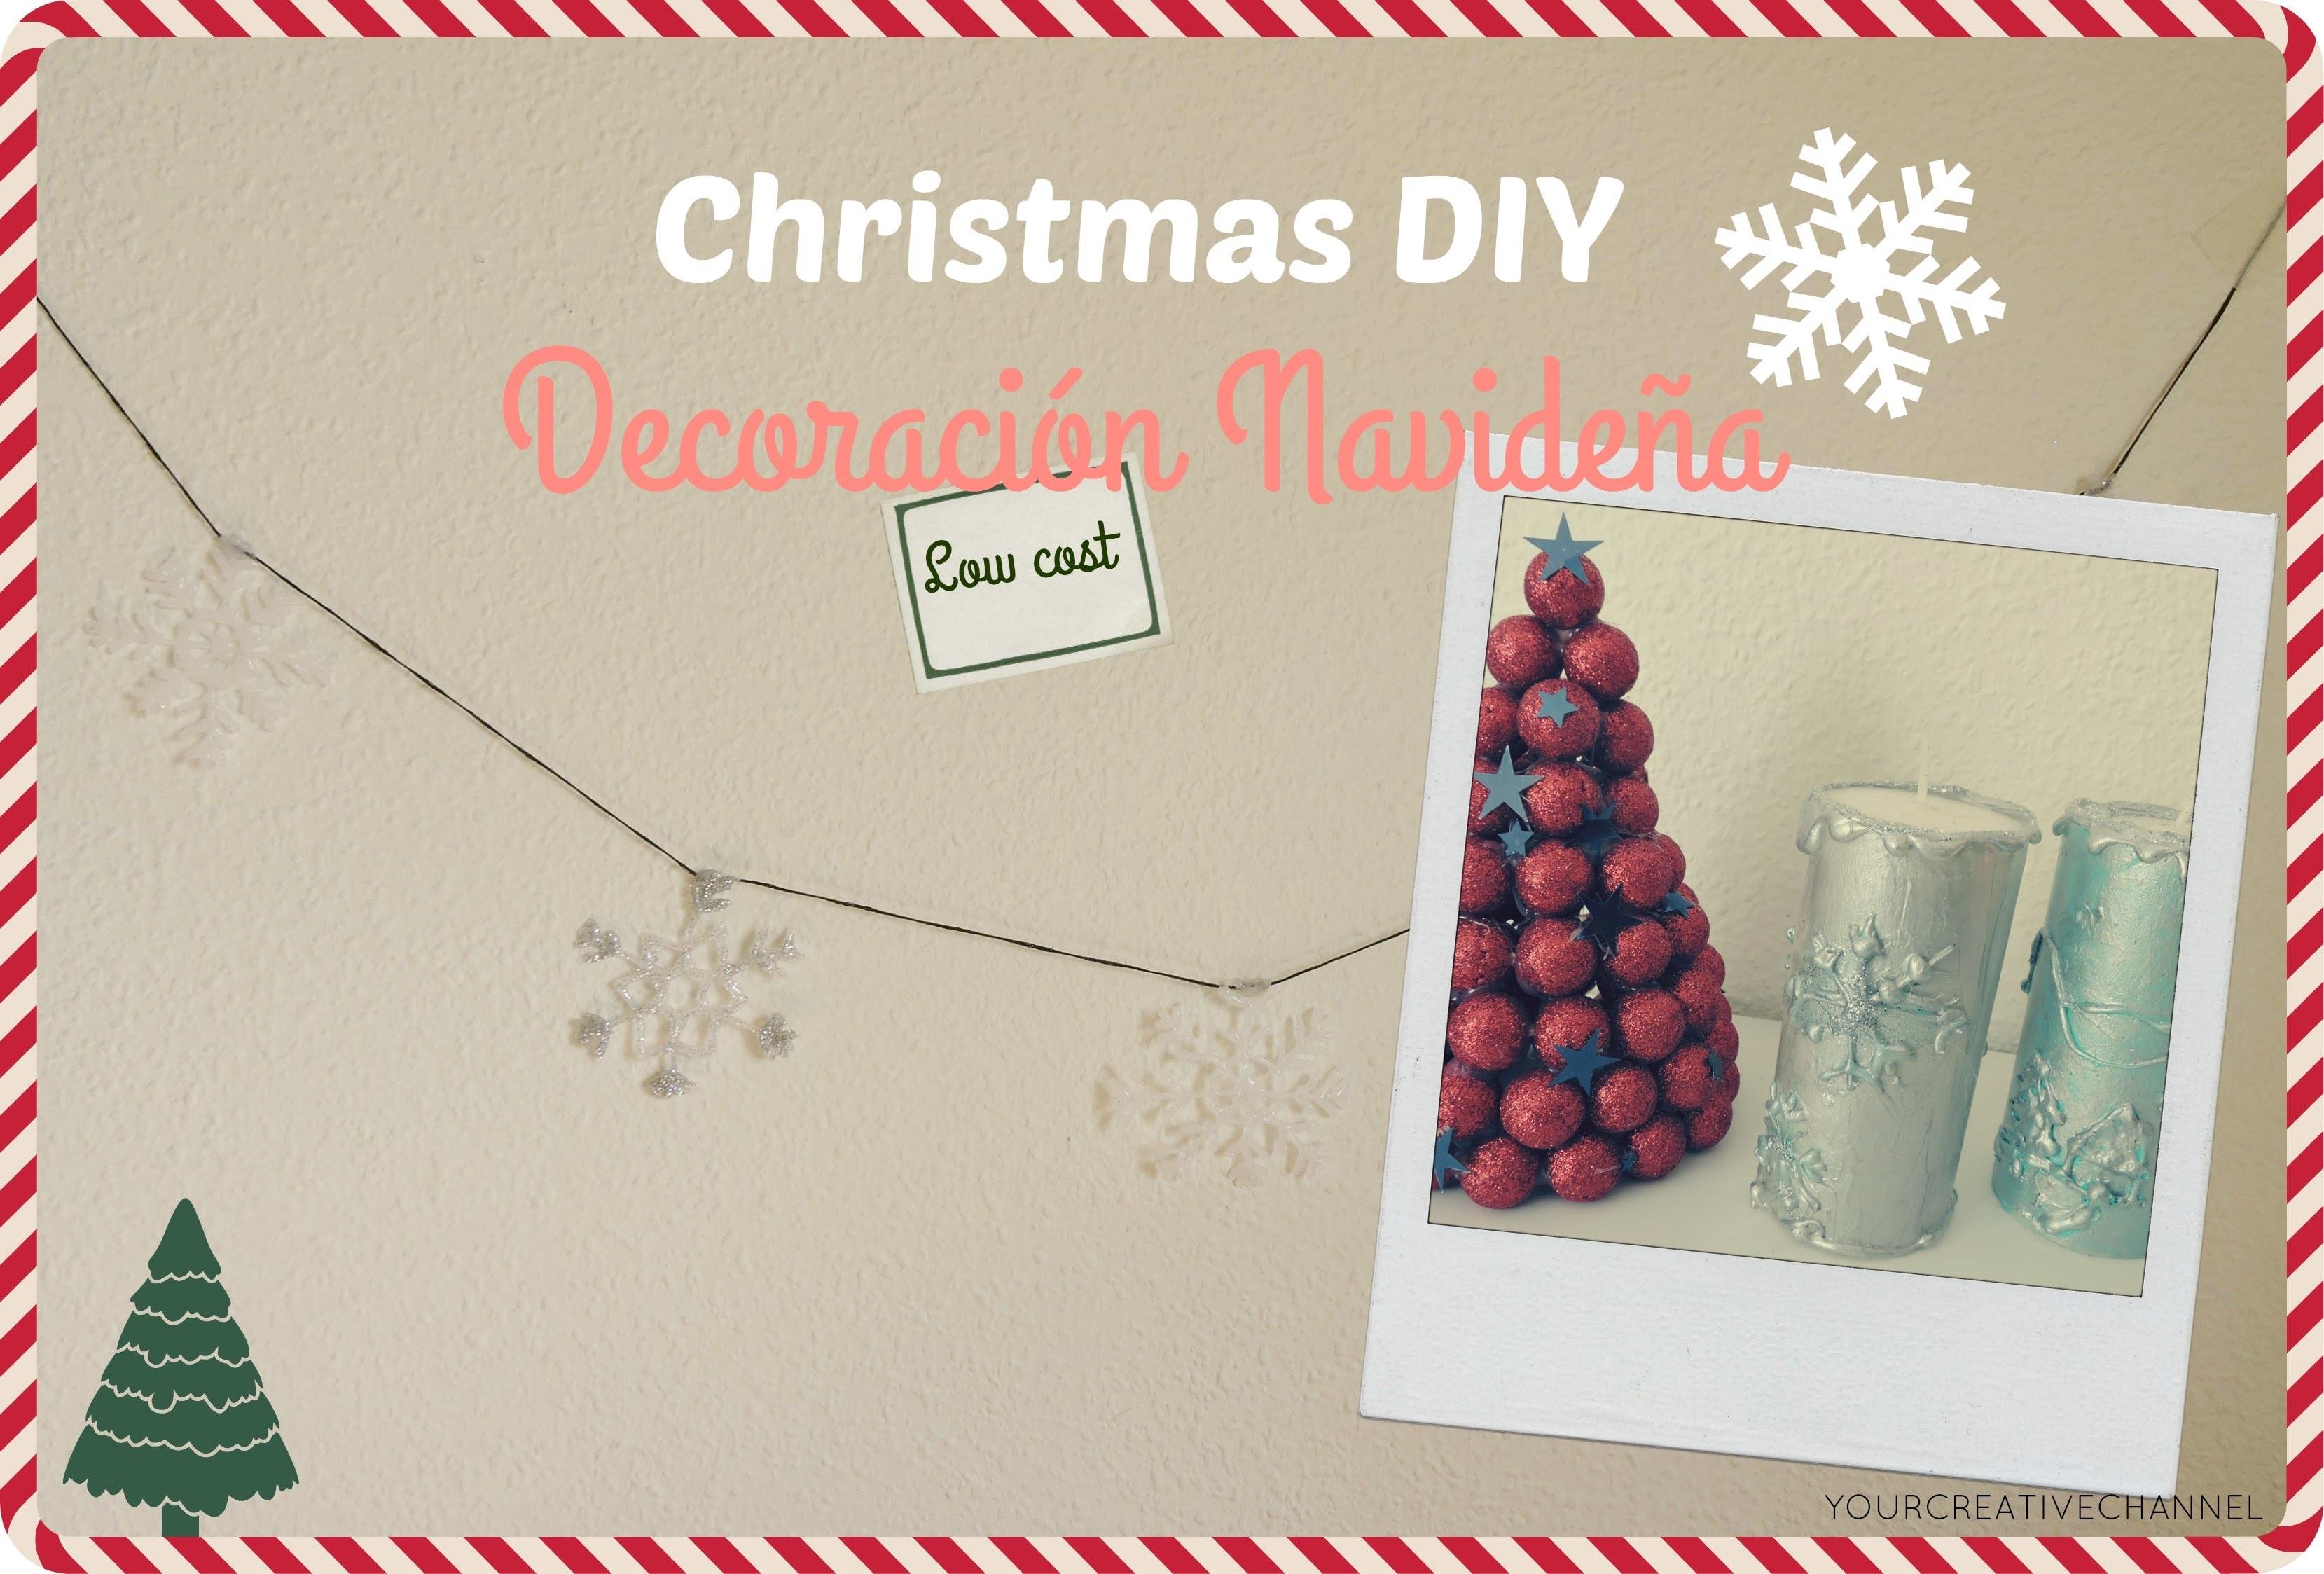 Decoraciones Navideñas DIY - Christmas DIY decorations